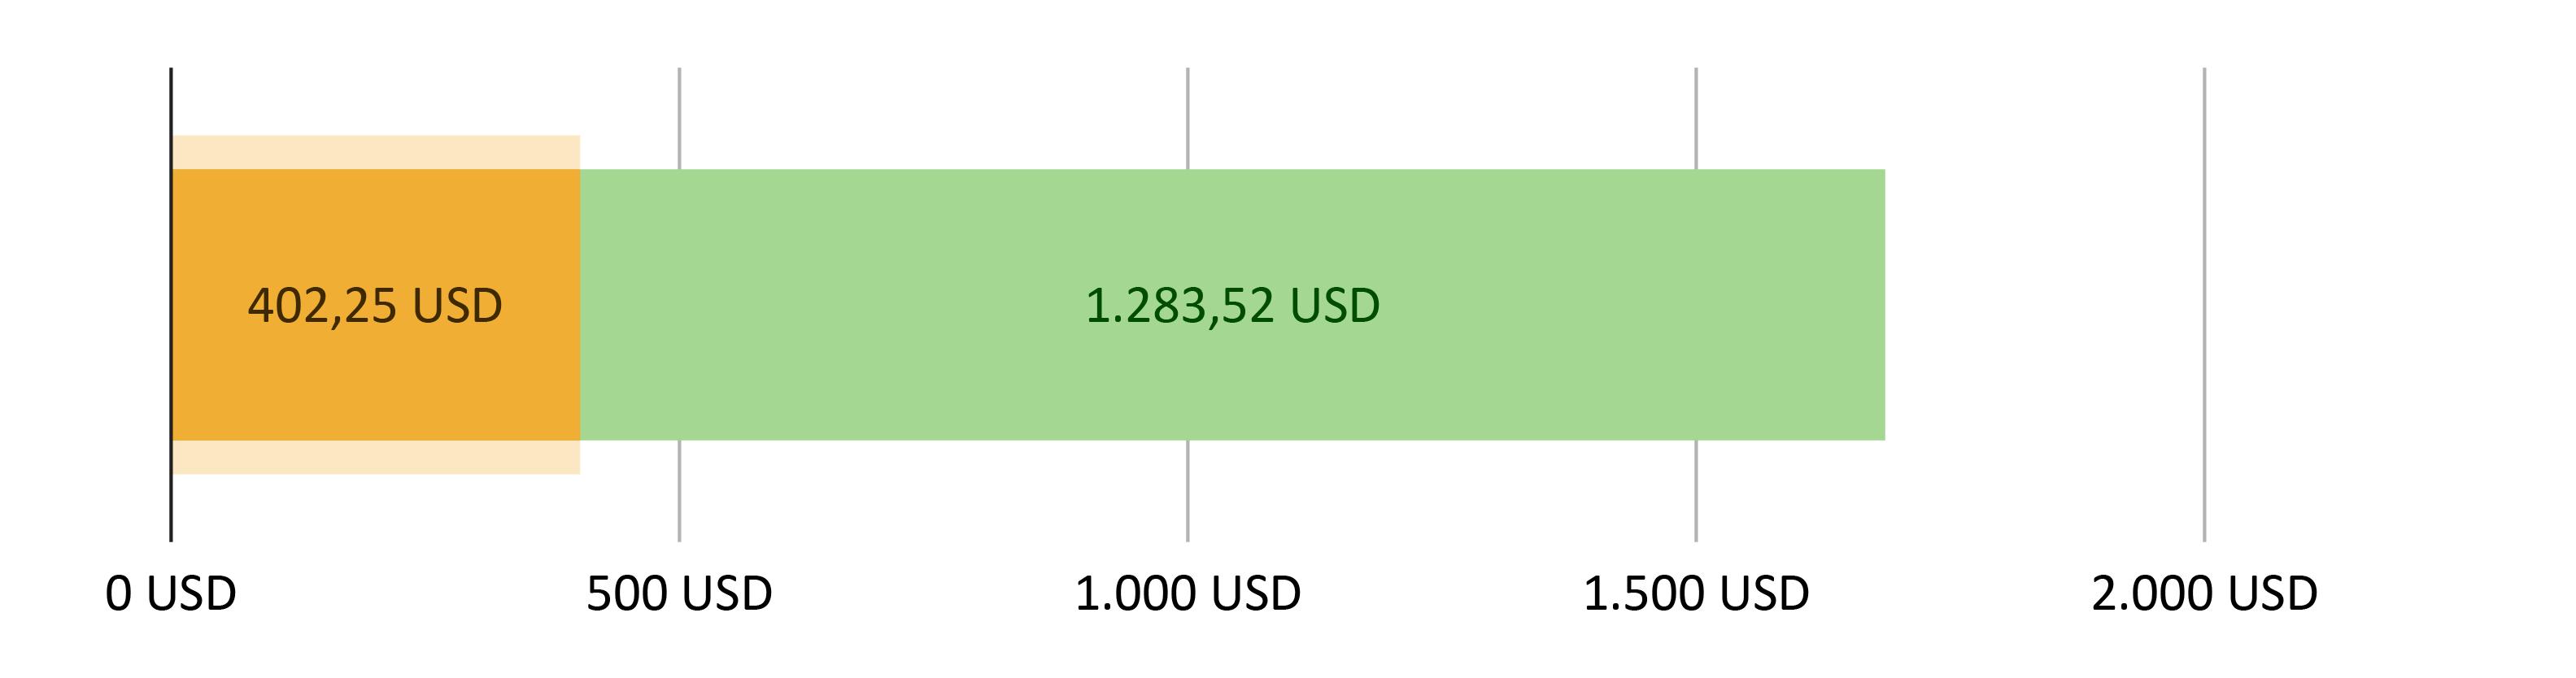 Elköltött összeg 402.25 USD; fennmaradó összeg 1,283.52 USD.